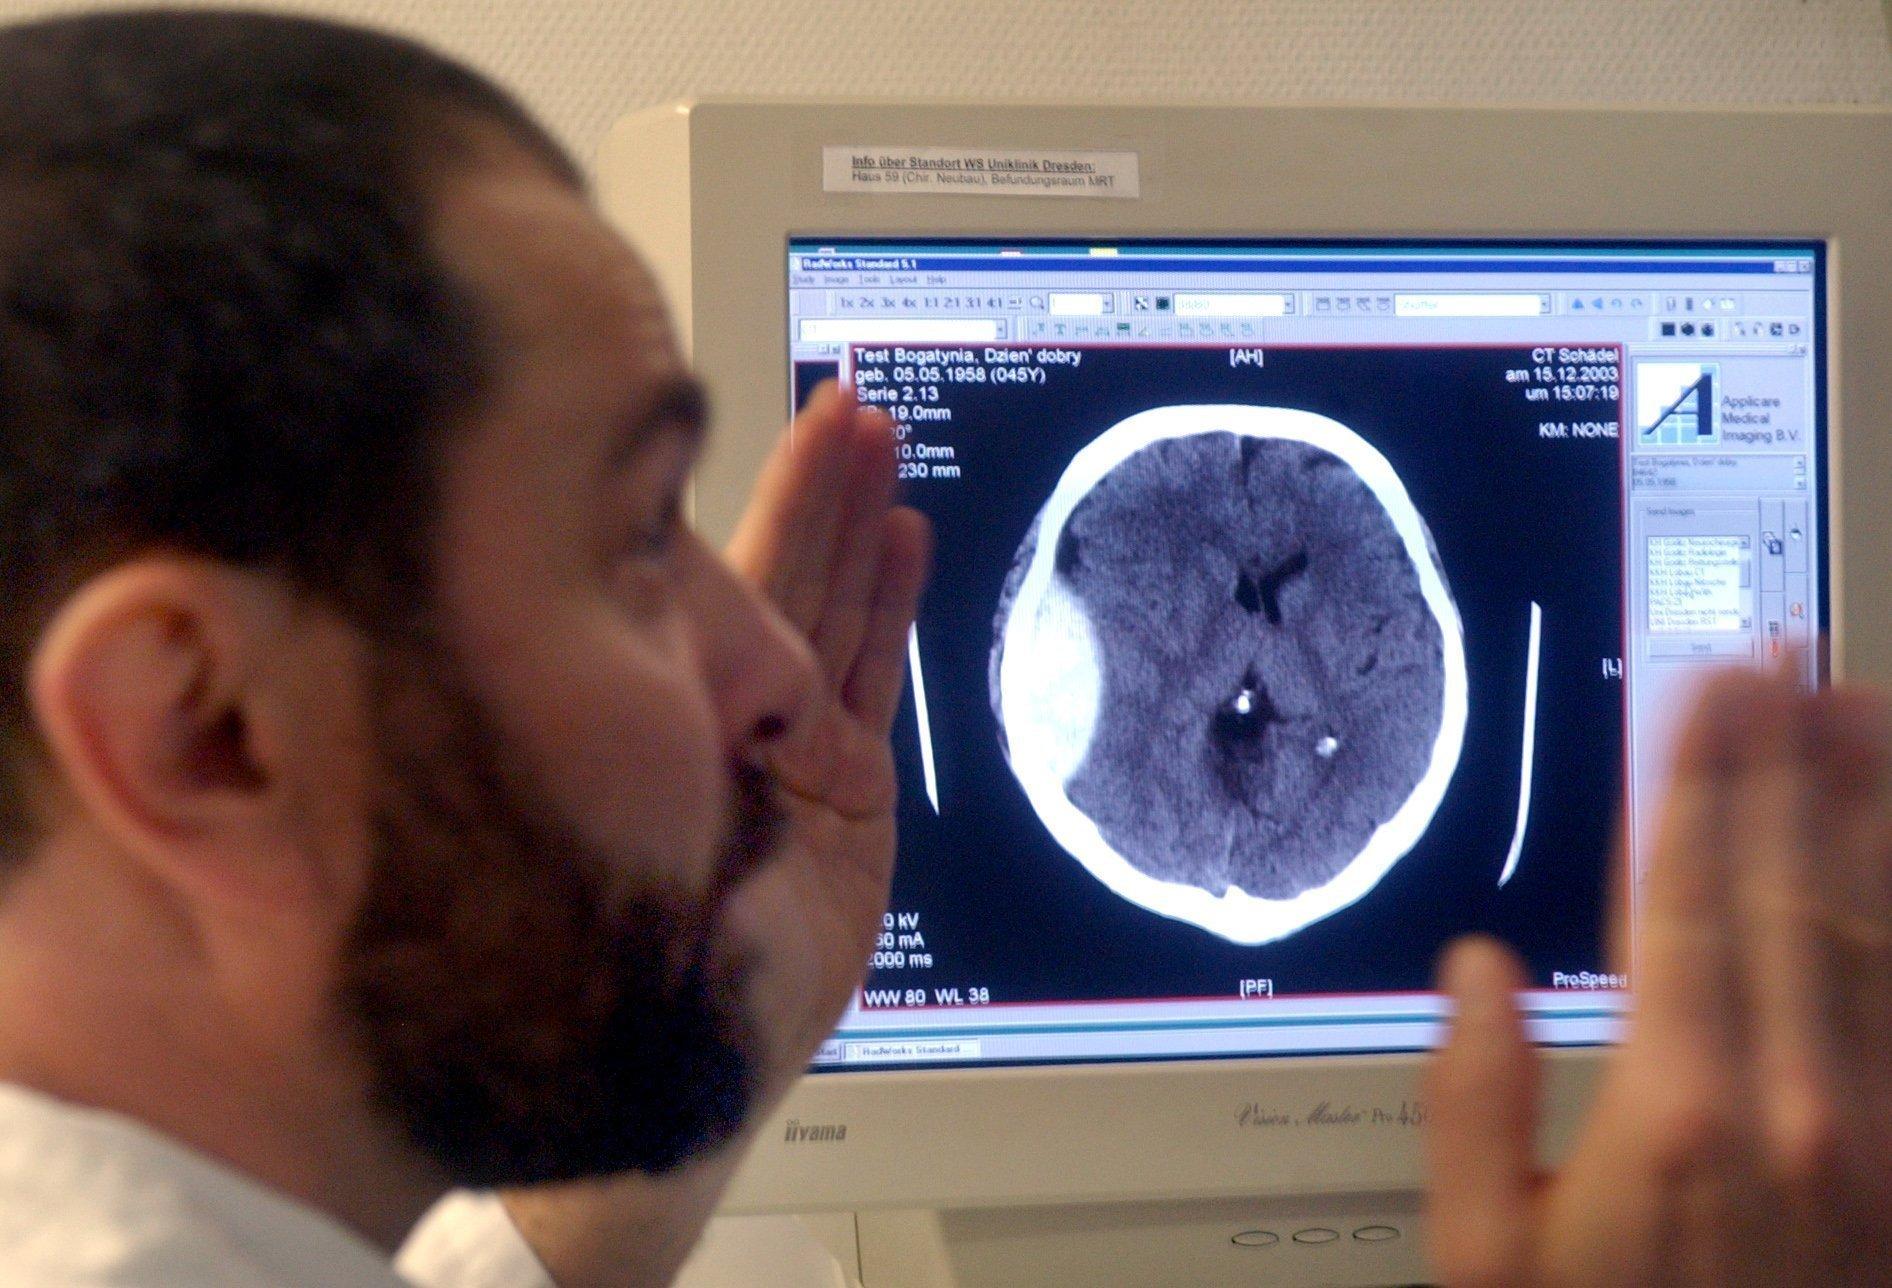 Telemedizin, bei der Diagnosen aus der Ferne gestellt und Therapien angeboten werden, finden 38 % der Deutschen gut.